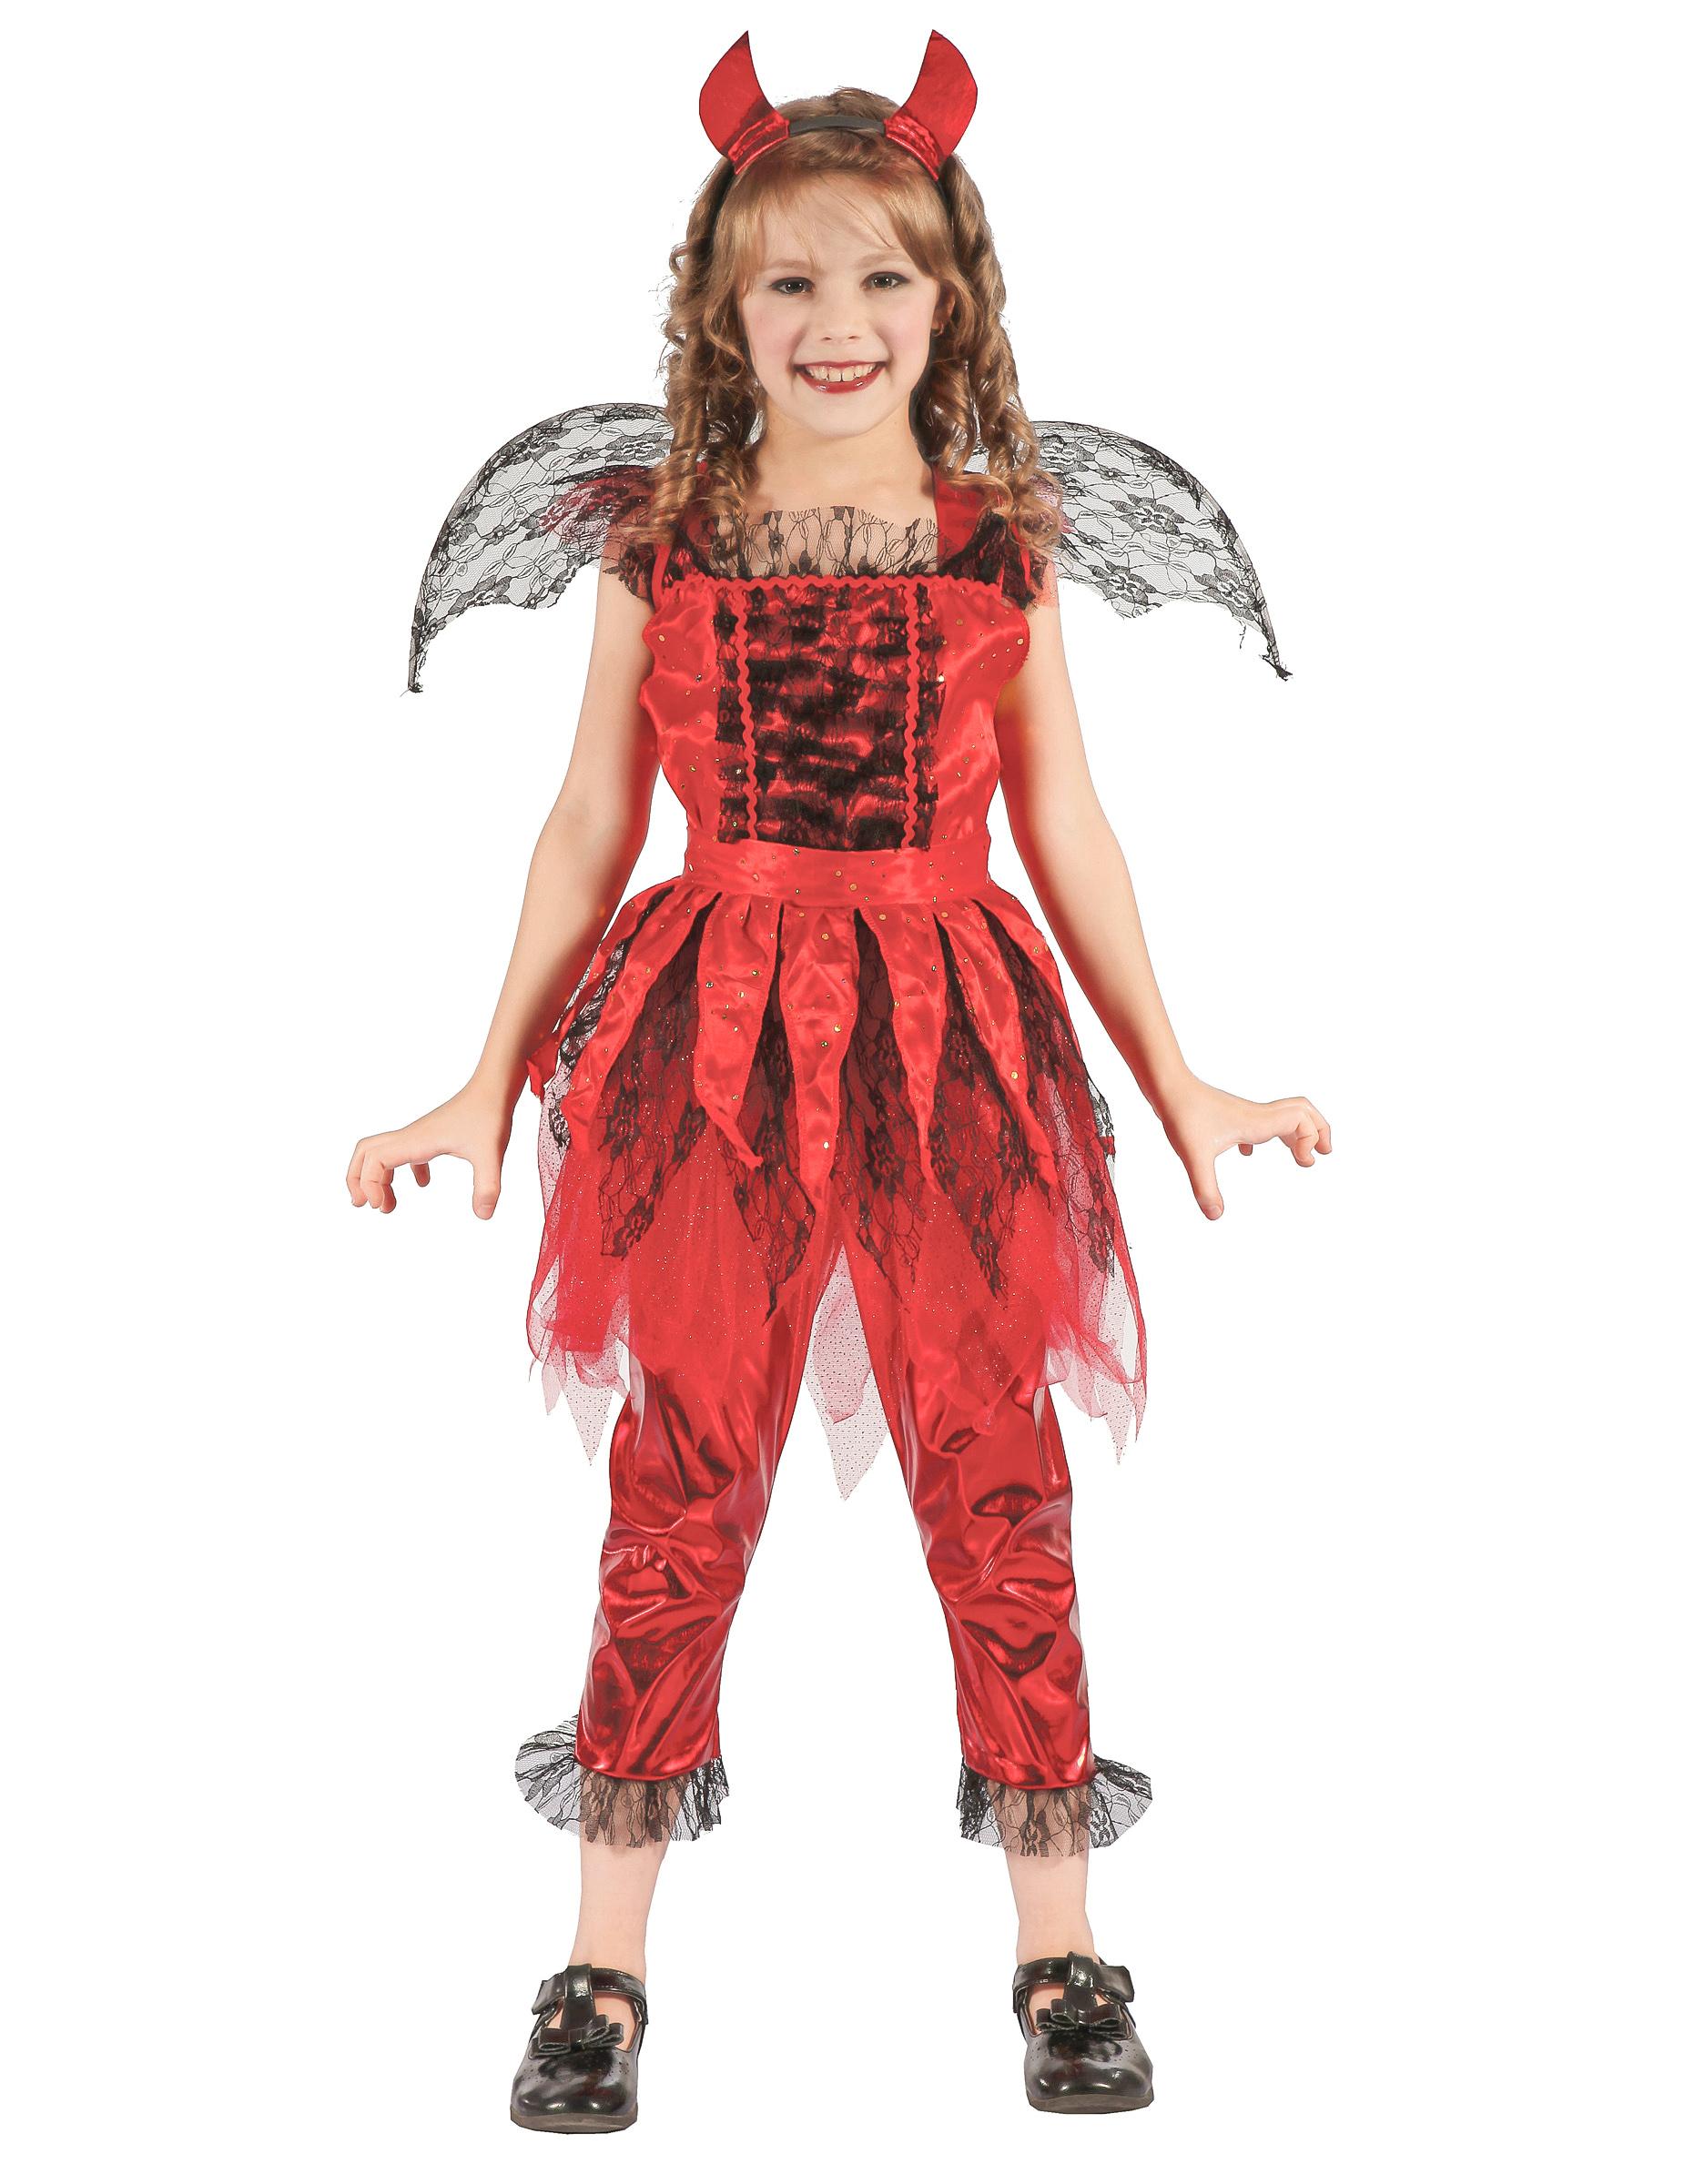 Costume demone del fuoco bambina  Costumi bambini 9fe1379e53c0